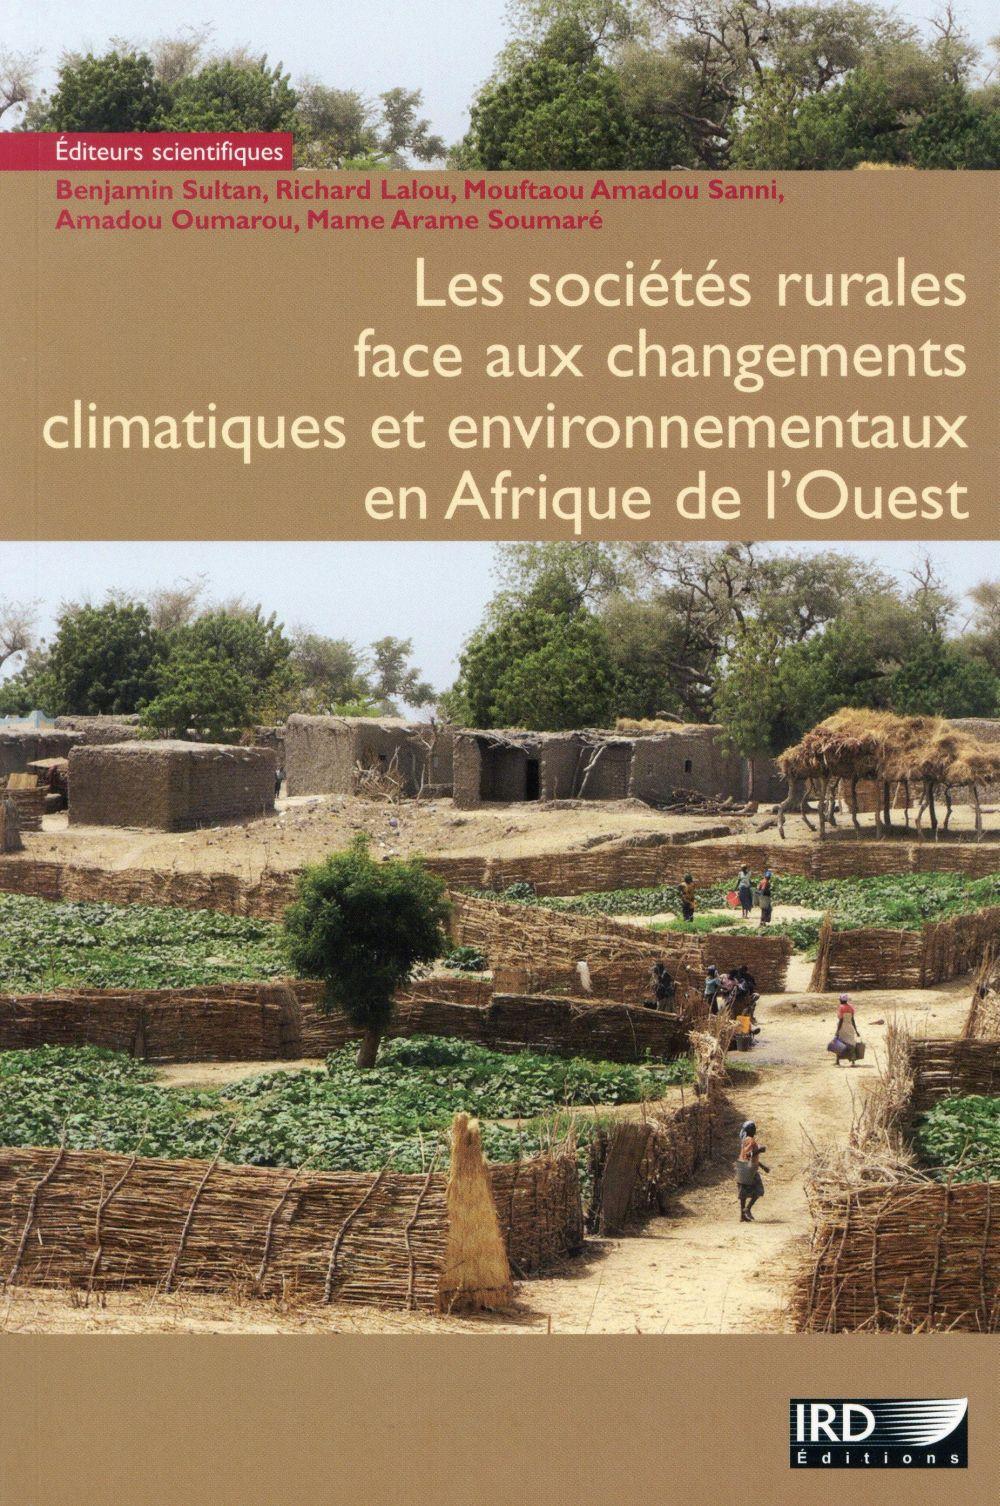 Les sociétés rurales face aux changements climatiques et environnementaux en Afrique